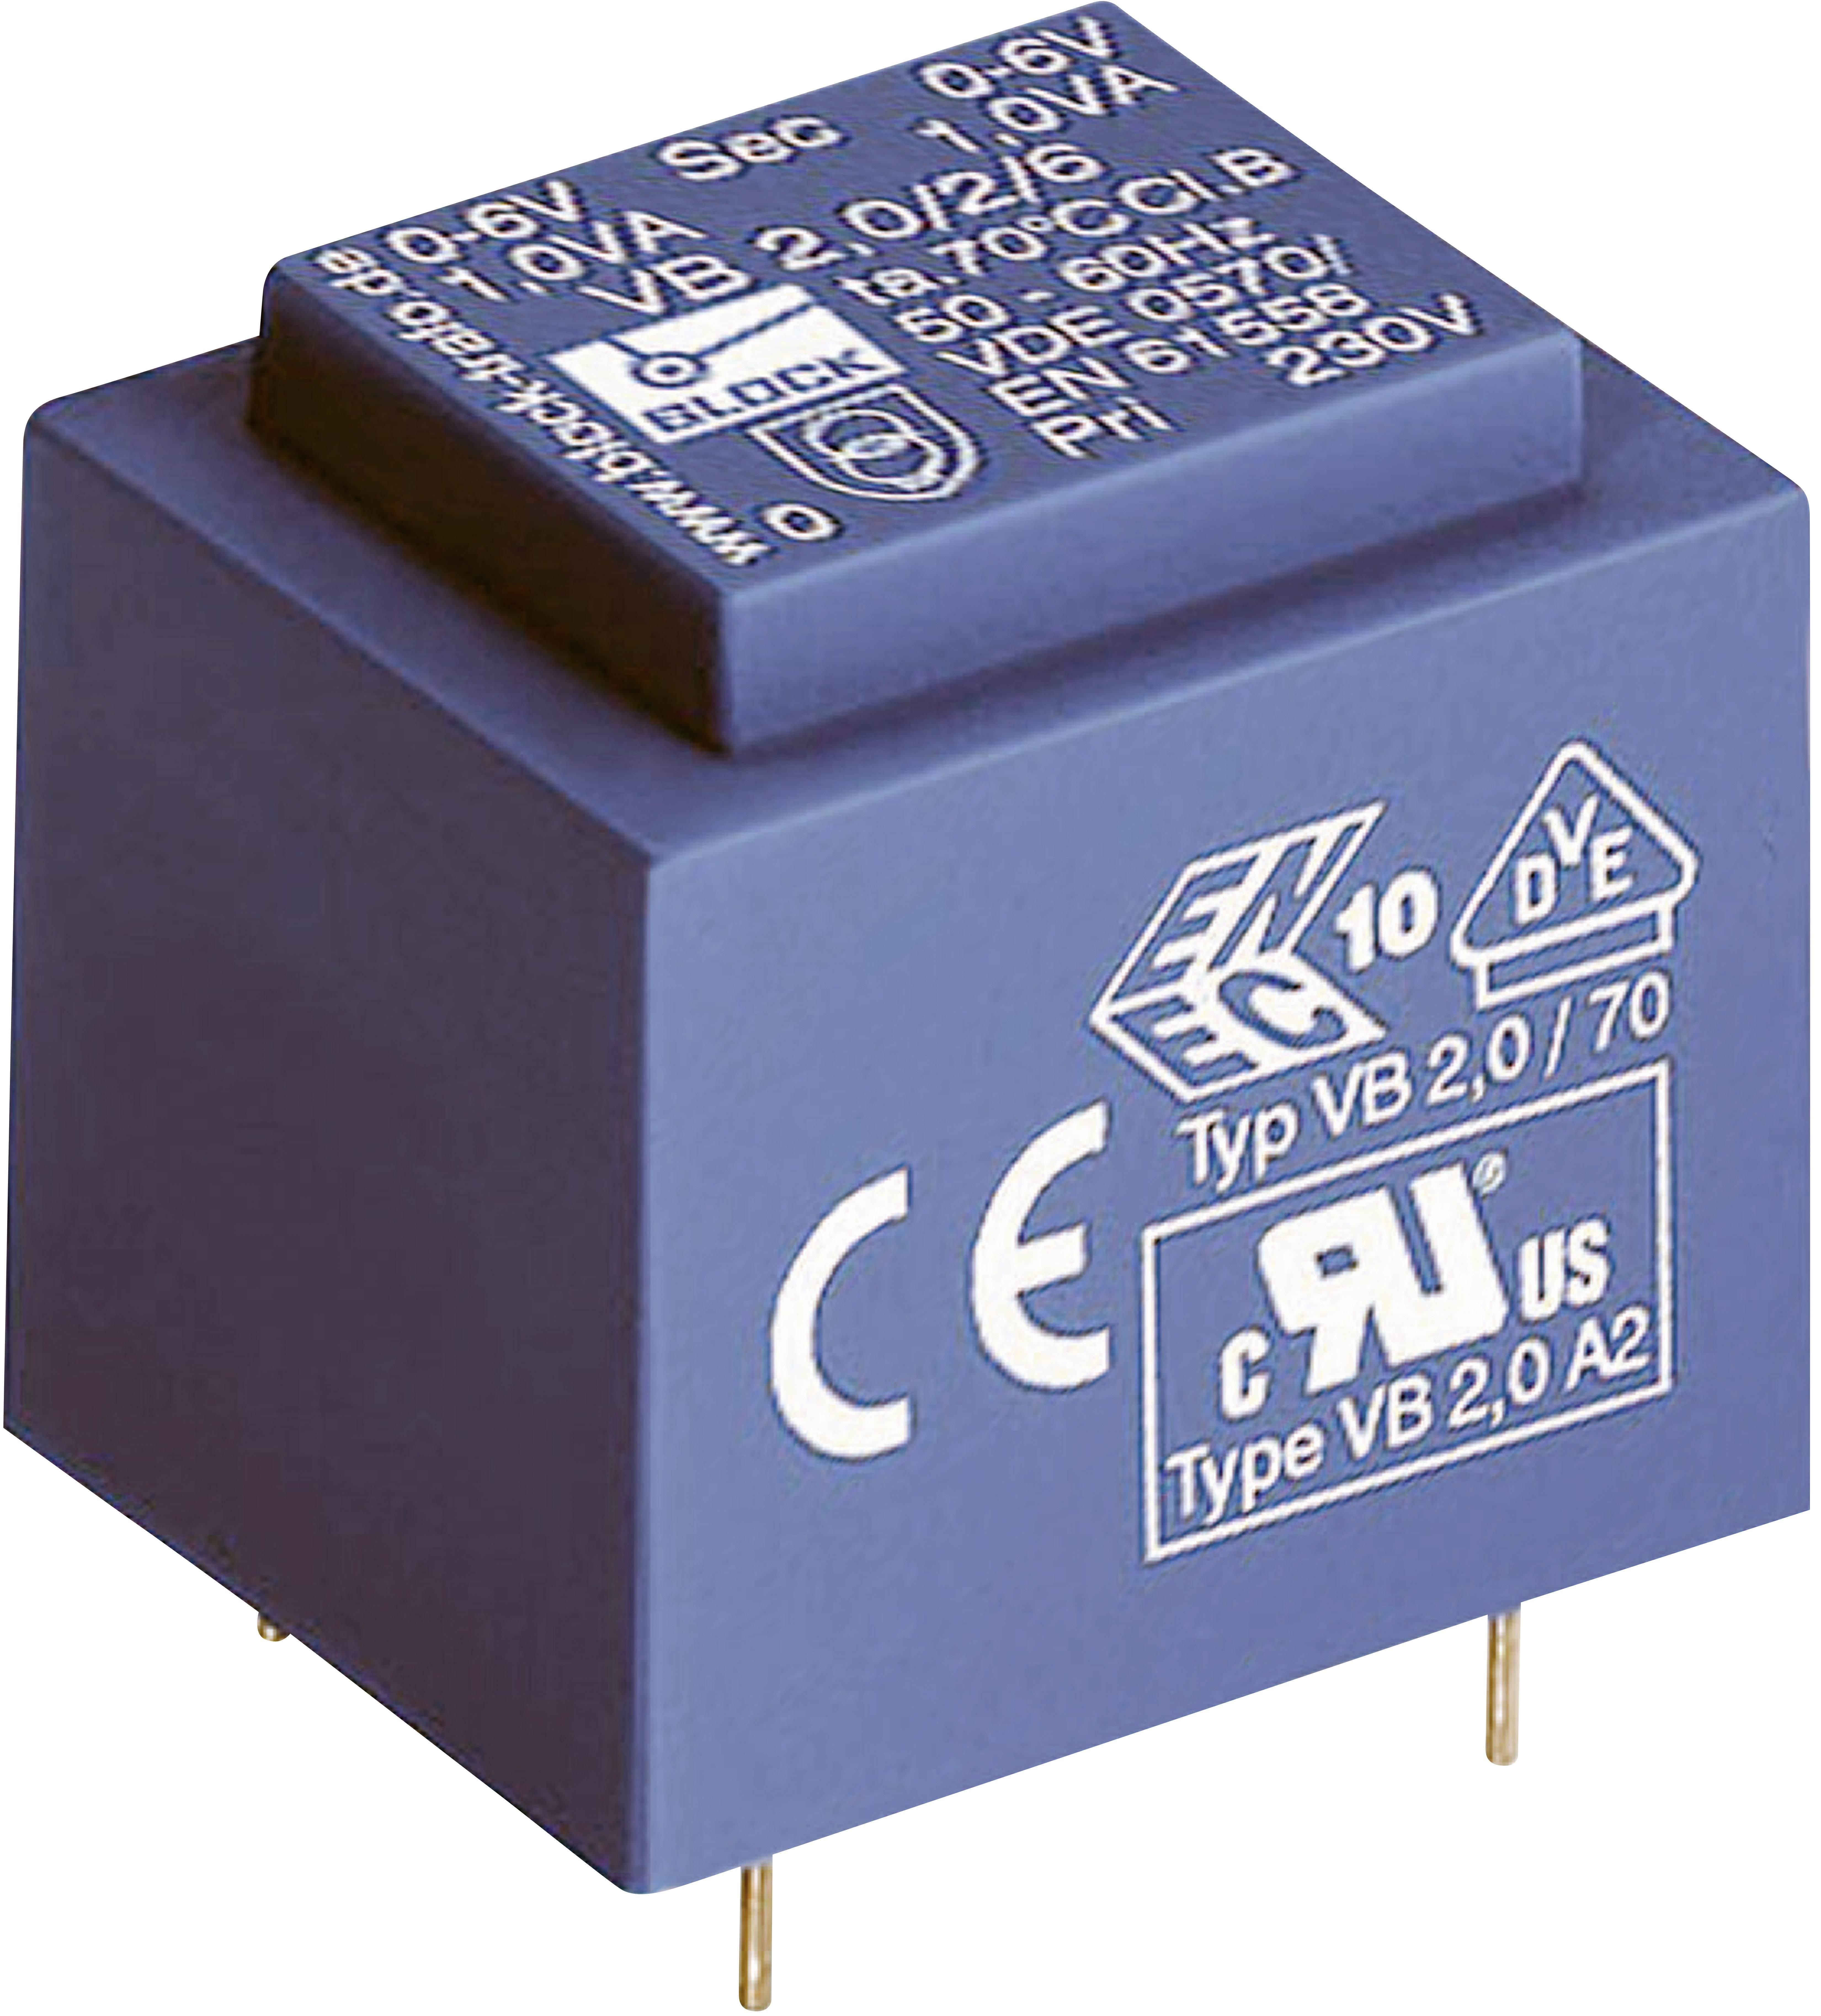 Transformátor do DPS Block VB 2,3/2/12, 2.30 VA